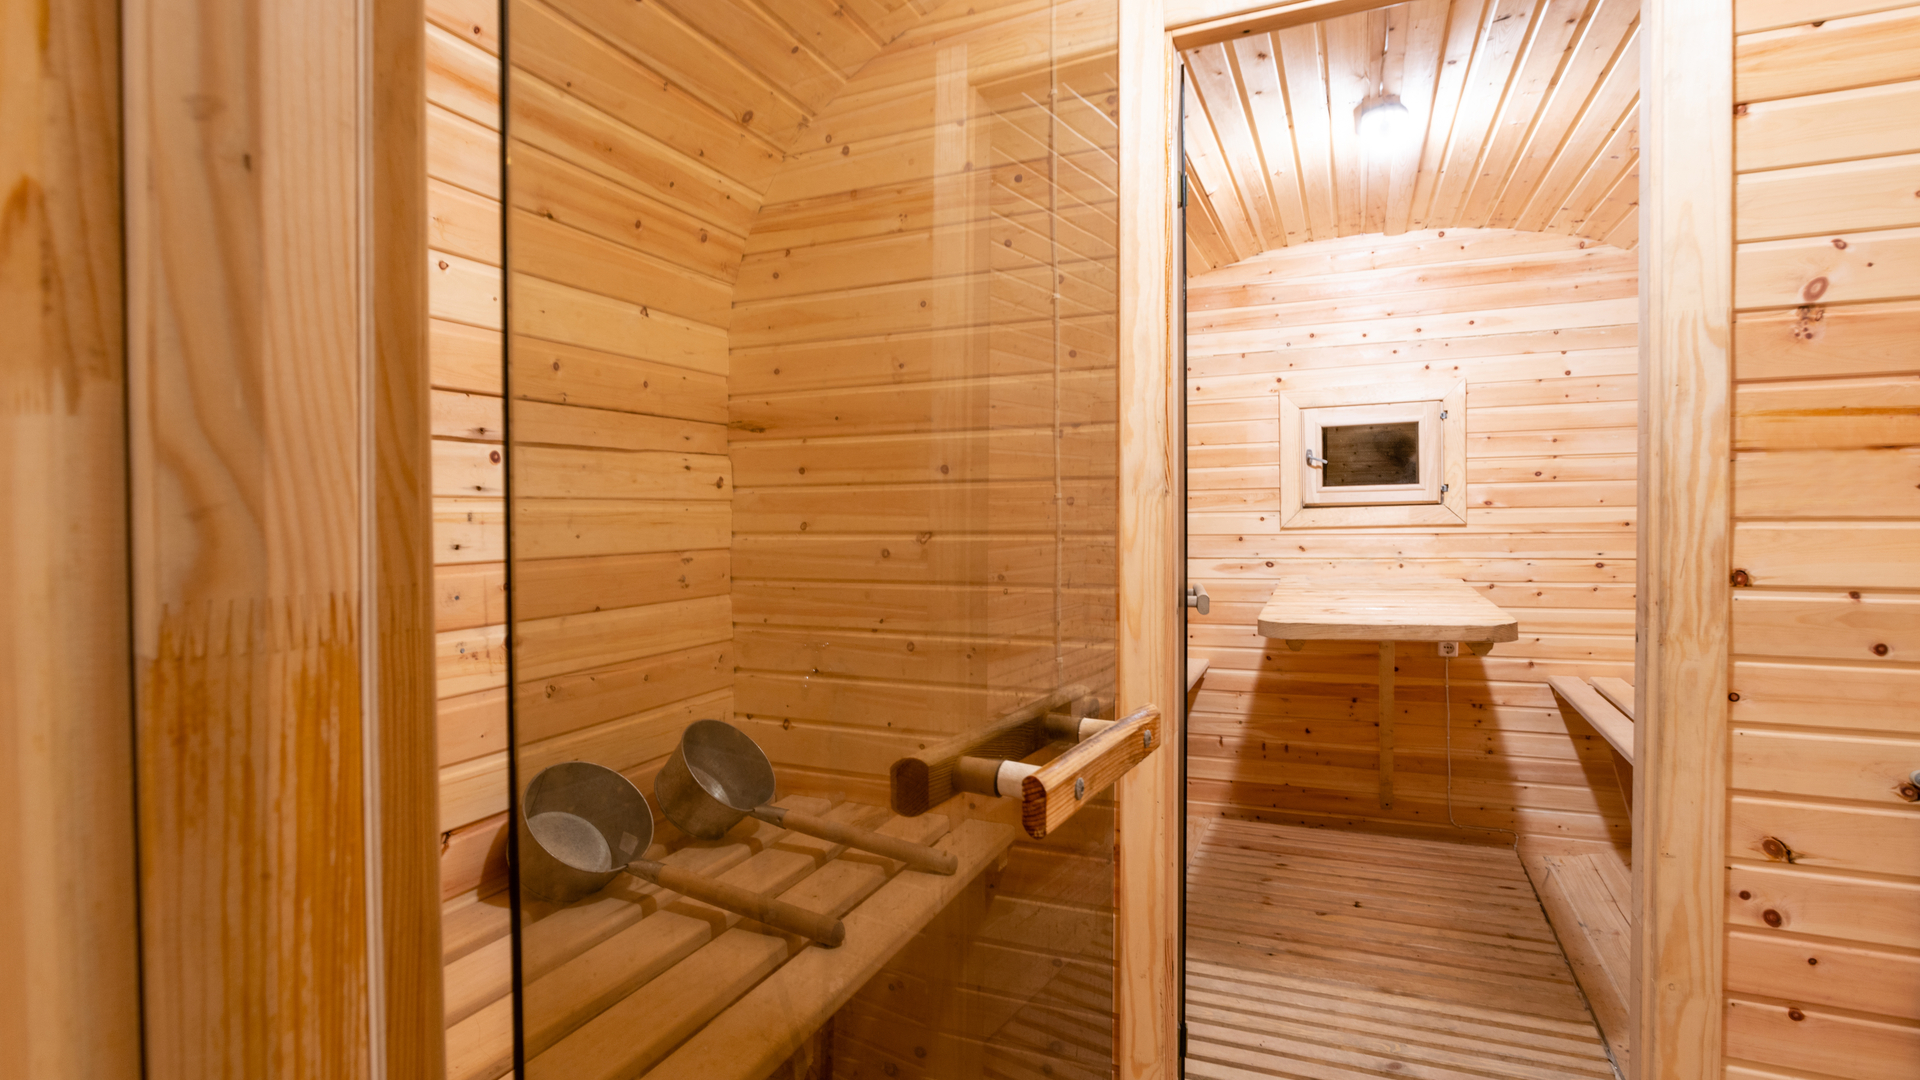 Full Size of Sauna Selber Bauen Ohne Bausatz Selbst Gartensauna Was Gibt Es Bei Der Im Eigenen Garten Zu Beachten Einbauküche Fenster Rolladen Nachträglich Einbauen Bett Wohnzimmer Sauna Selber Bauen Bausatz